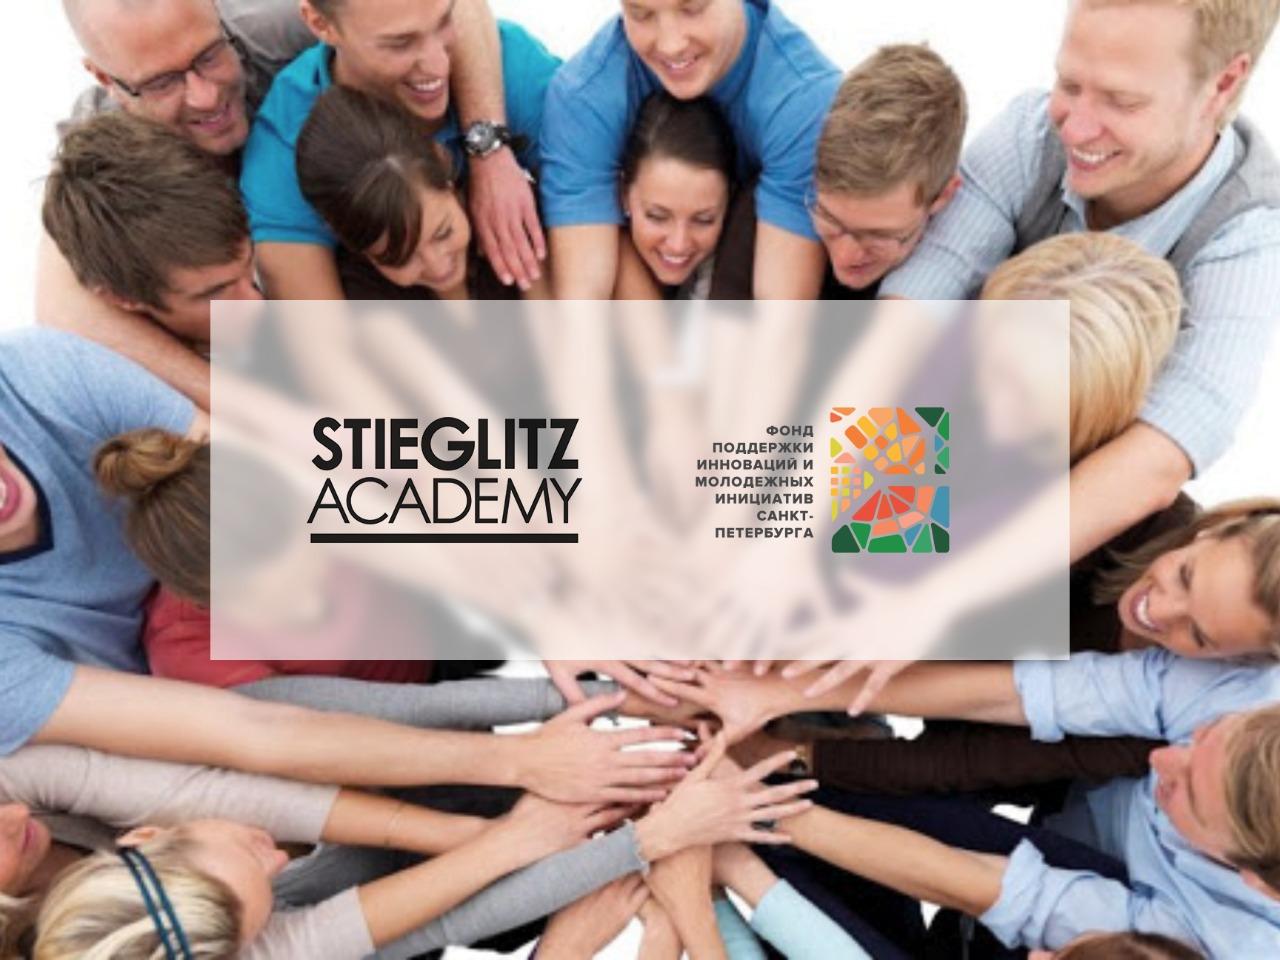 Подписан договор с Фондом поддержки инноваций и молодежных инициатив Санкт-Петербурга о выделении гранта Академии Штиглица